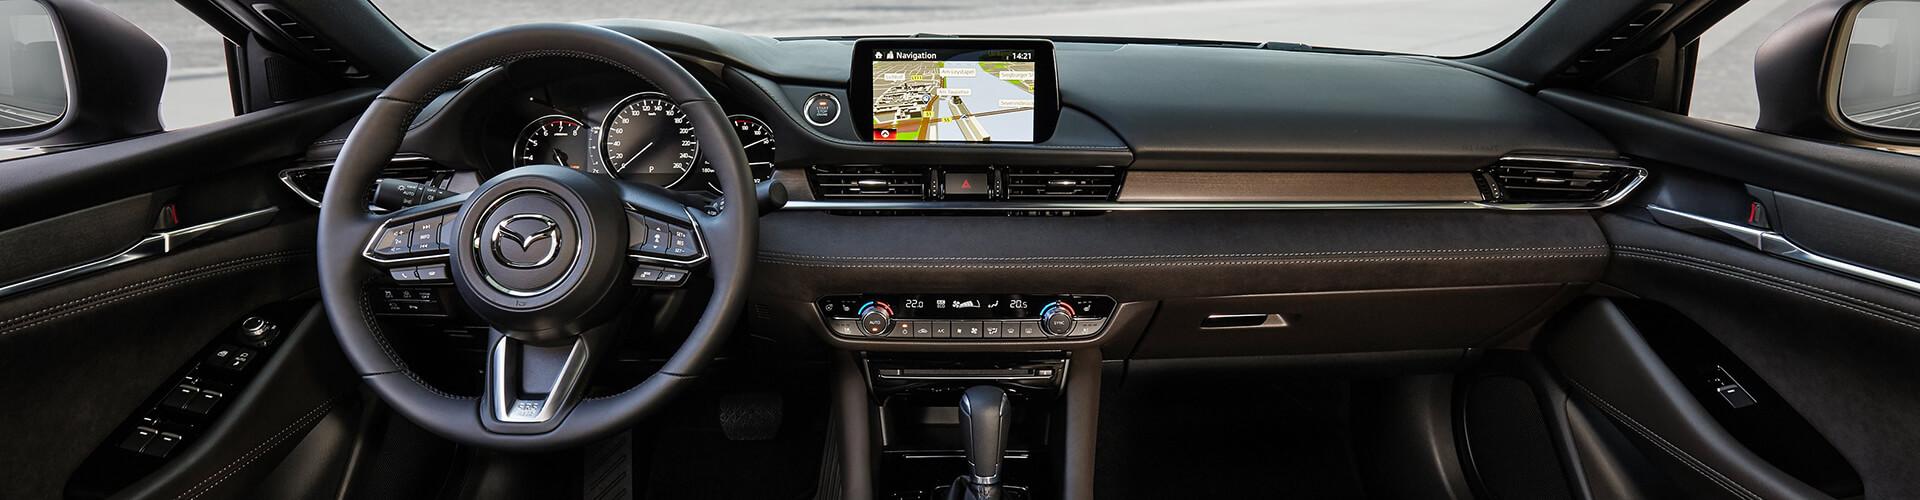 Mazda6 Interrieur braun